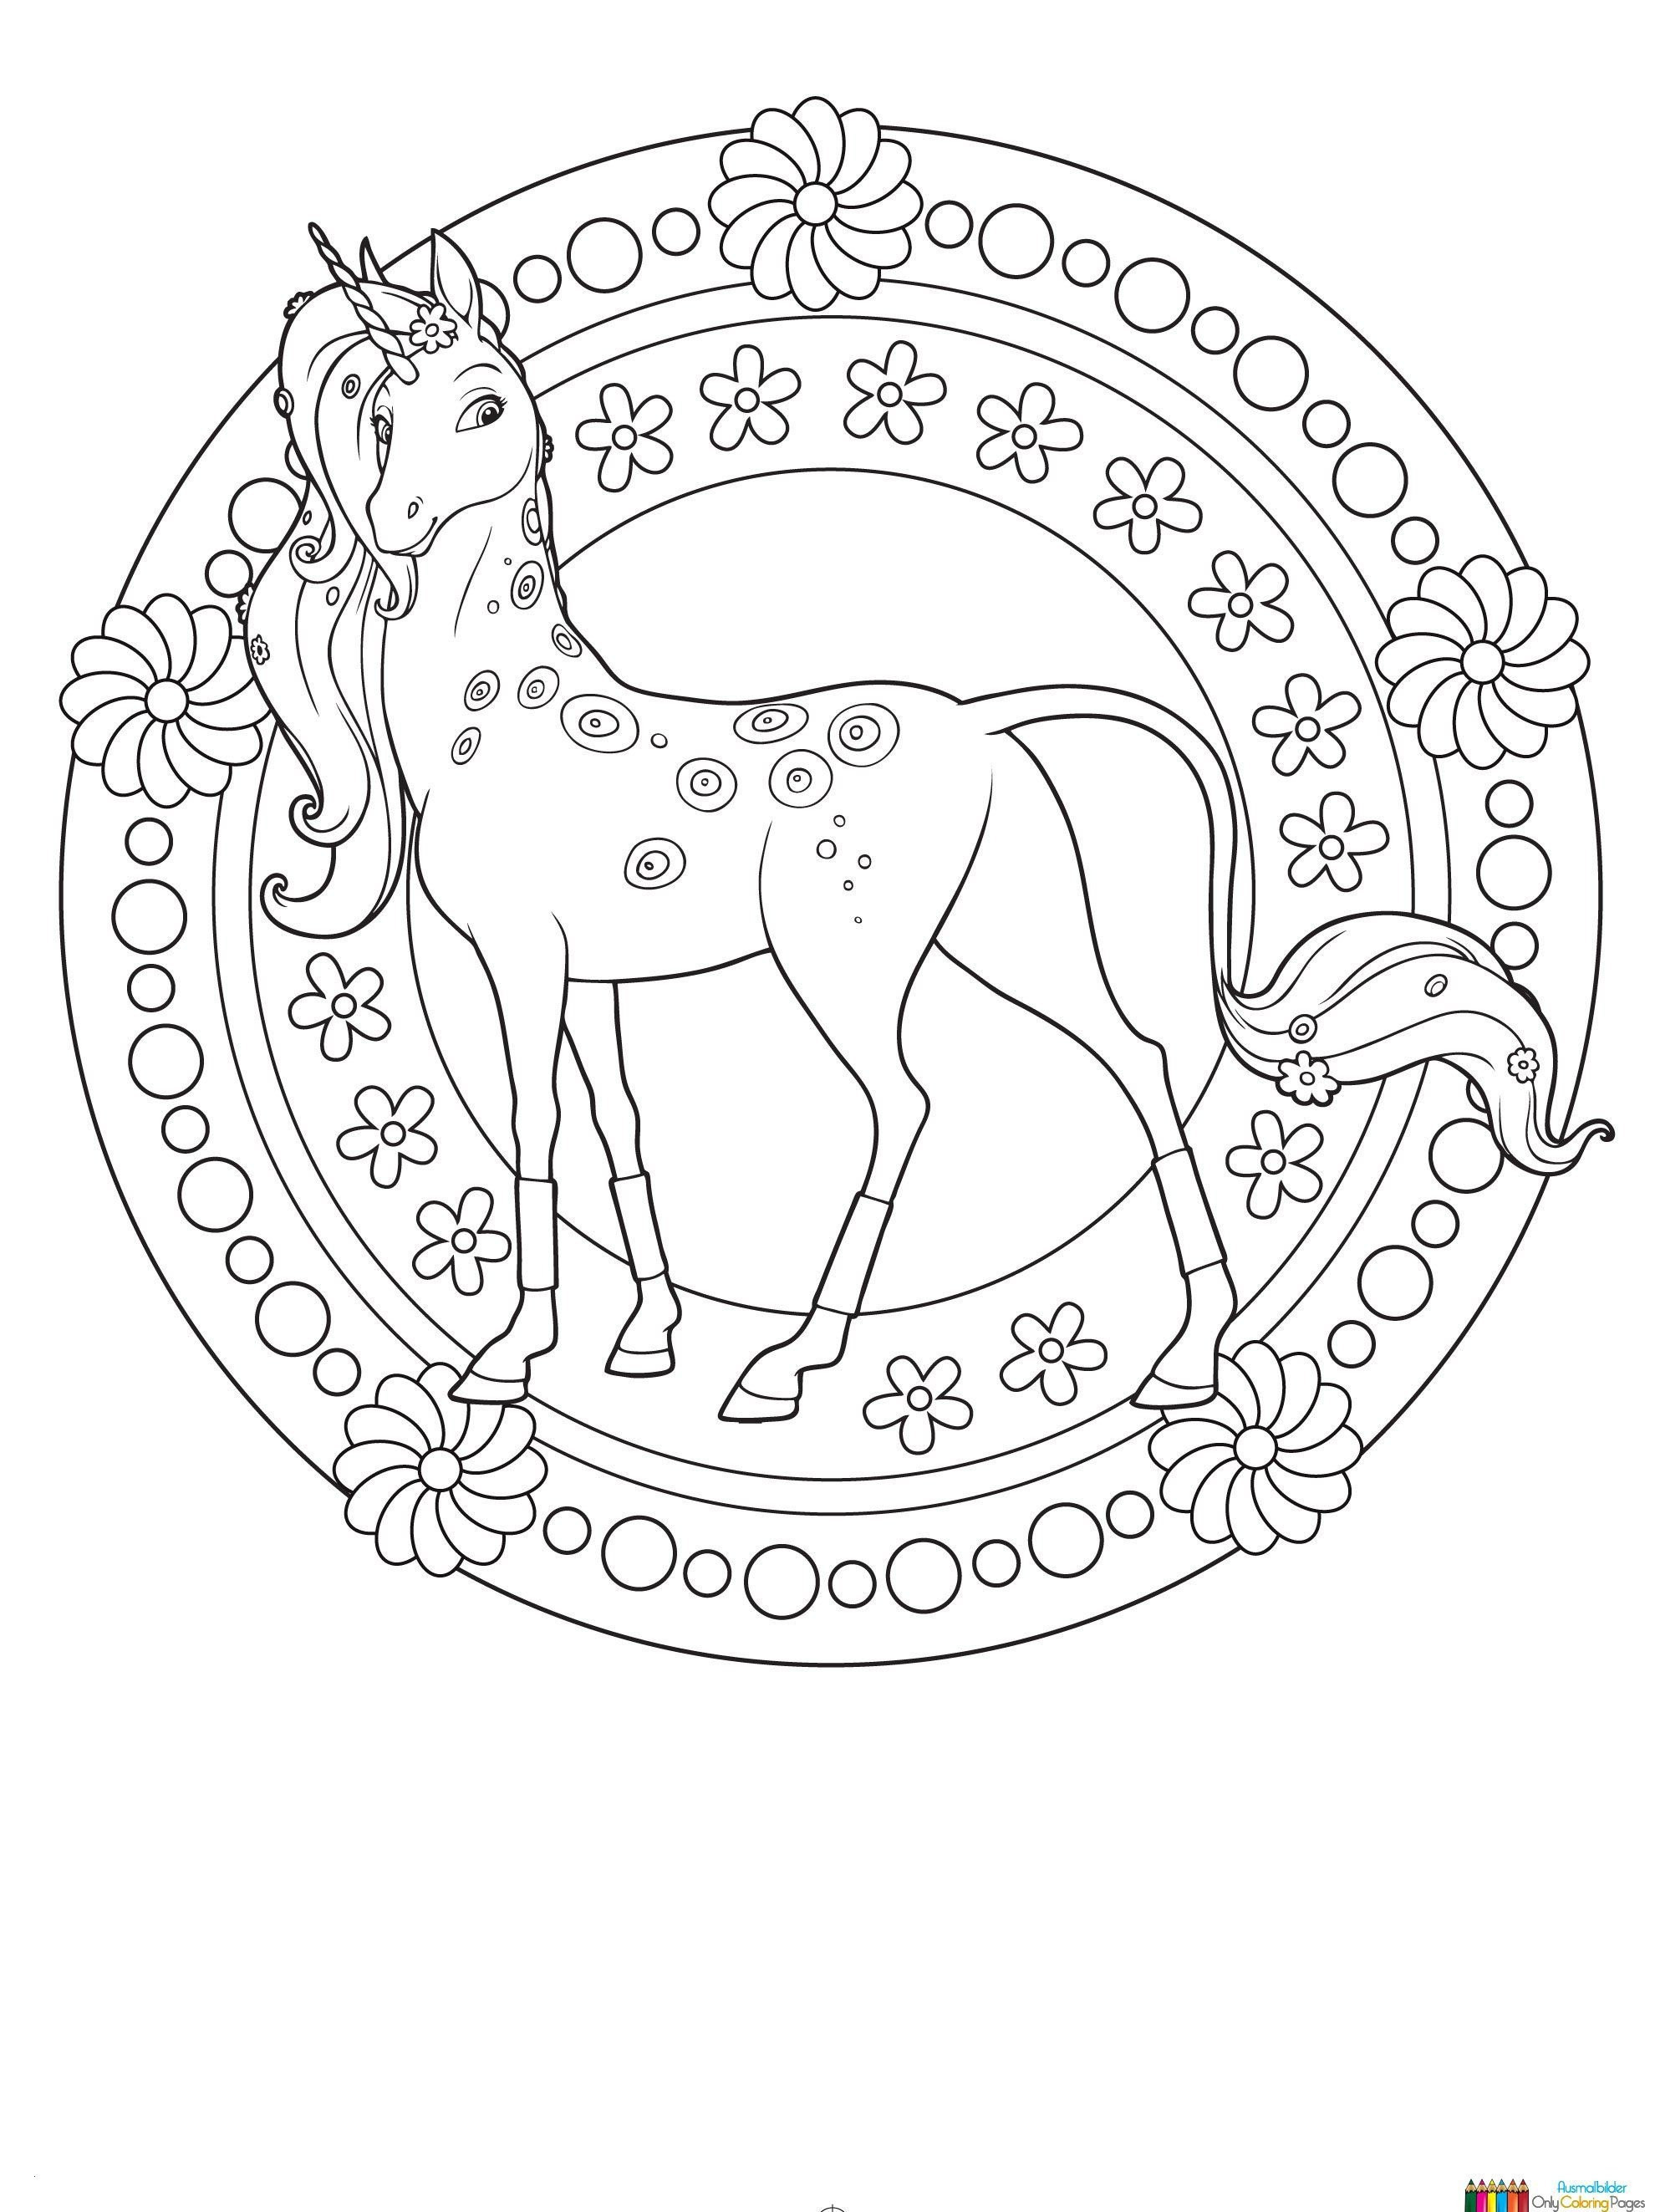 Ausmalbilder Pferde Zum Ausdrucken Kostenlos Neu 28 Inspirierend Einhorn Ausmalbilder Kostenlos Zum Ausdrucken Best Stock